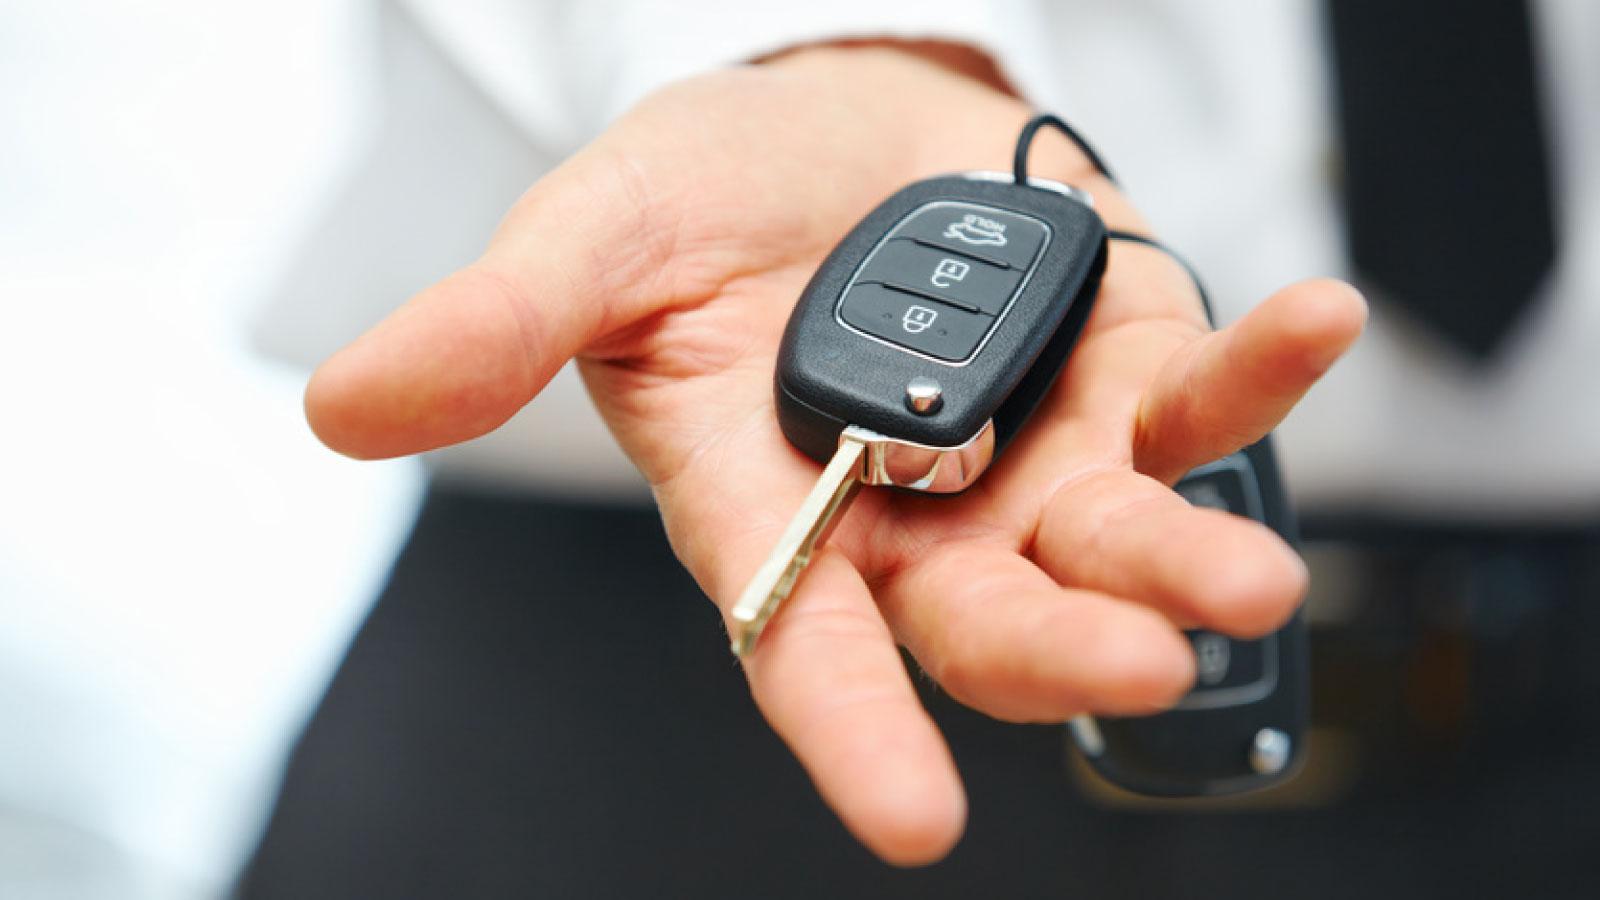 ביטול הגבלות רישיון נהיגה - מומחים במחיקת חובות - חברת עורכי דין מלי טייב